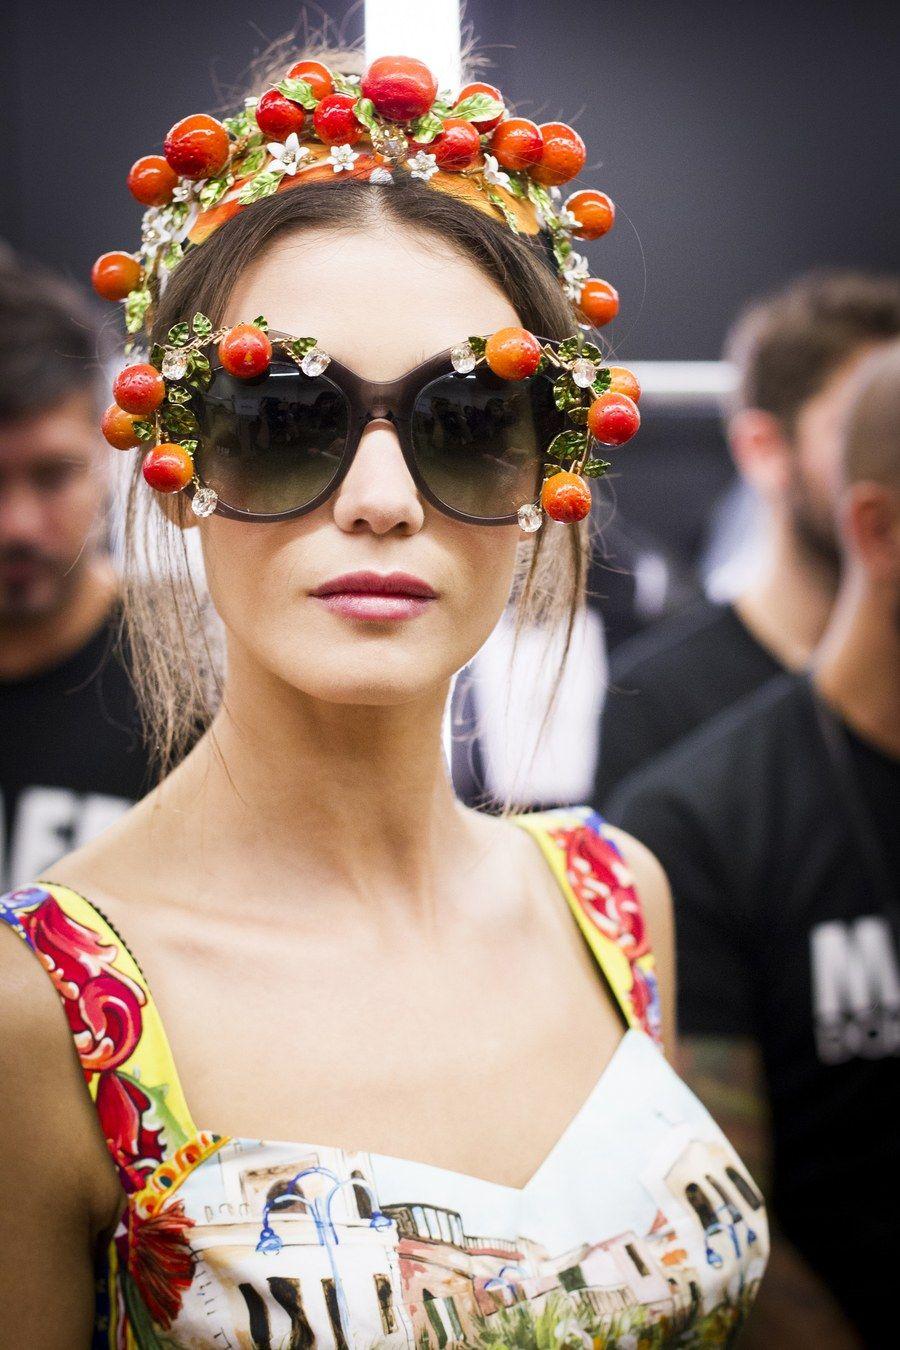 Dolce & Gabbana Spring RTW 2016 Fashion week photos, Fashion